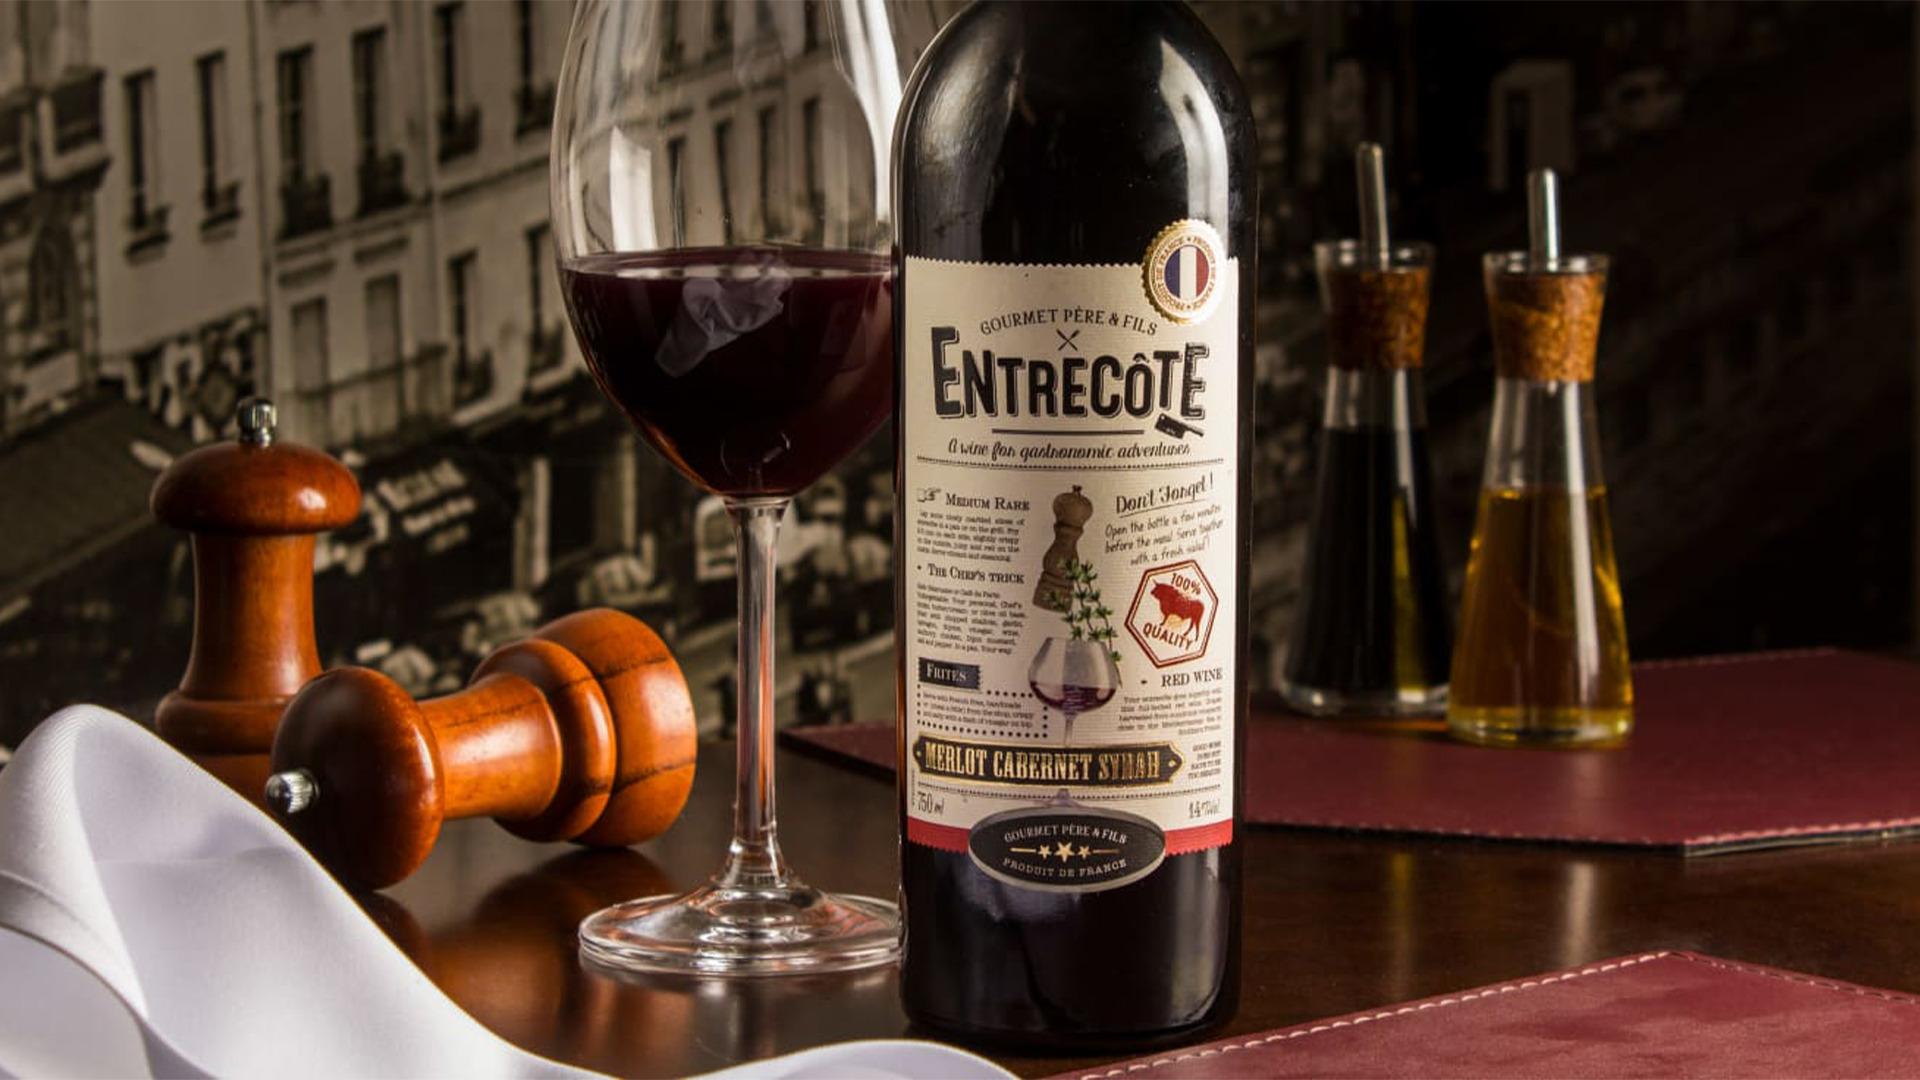 Rượu Vang Gourmet Pere & Fils